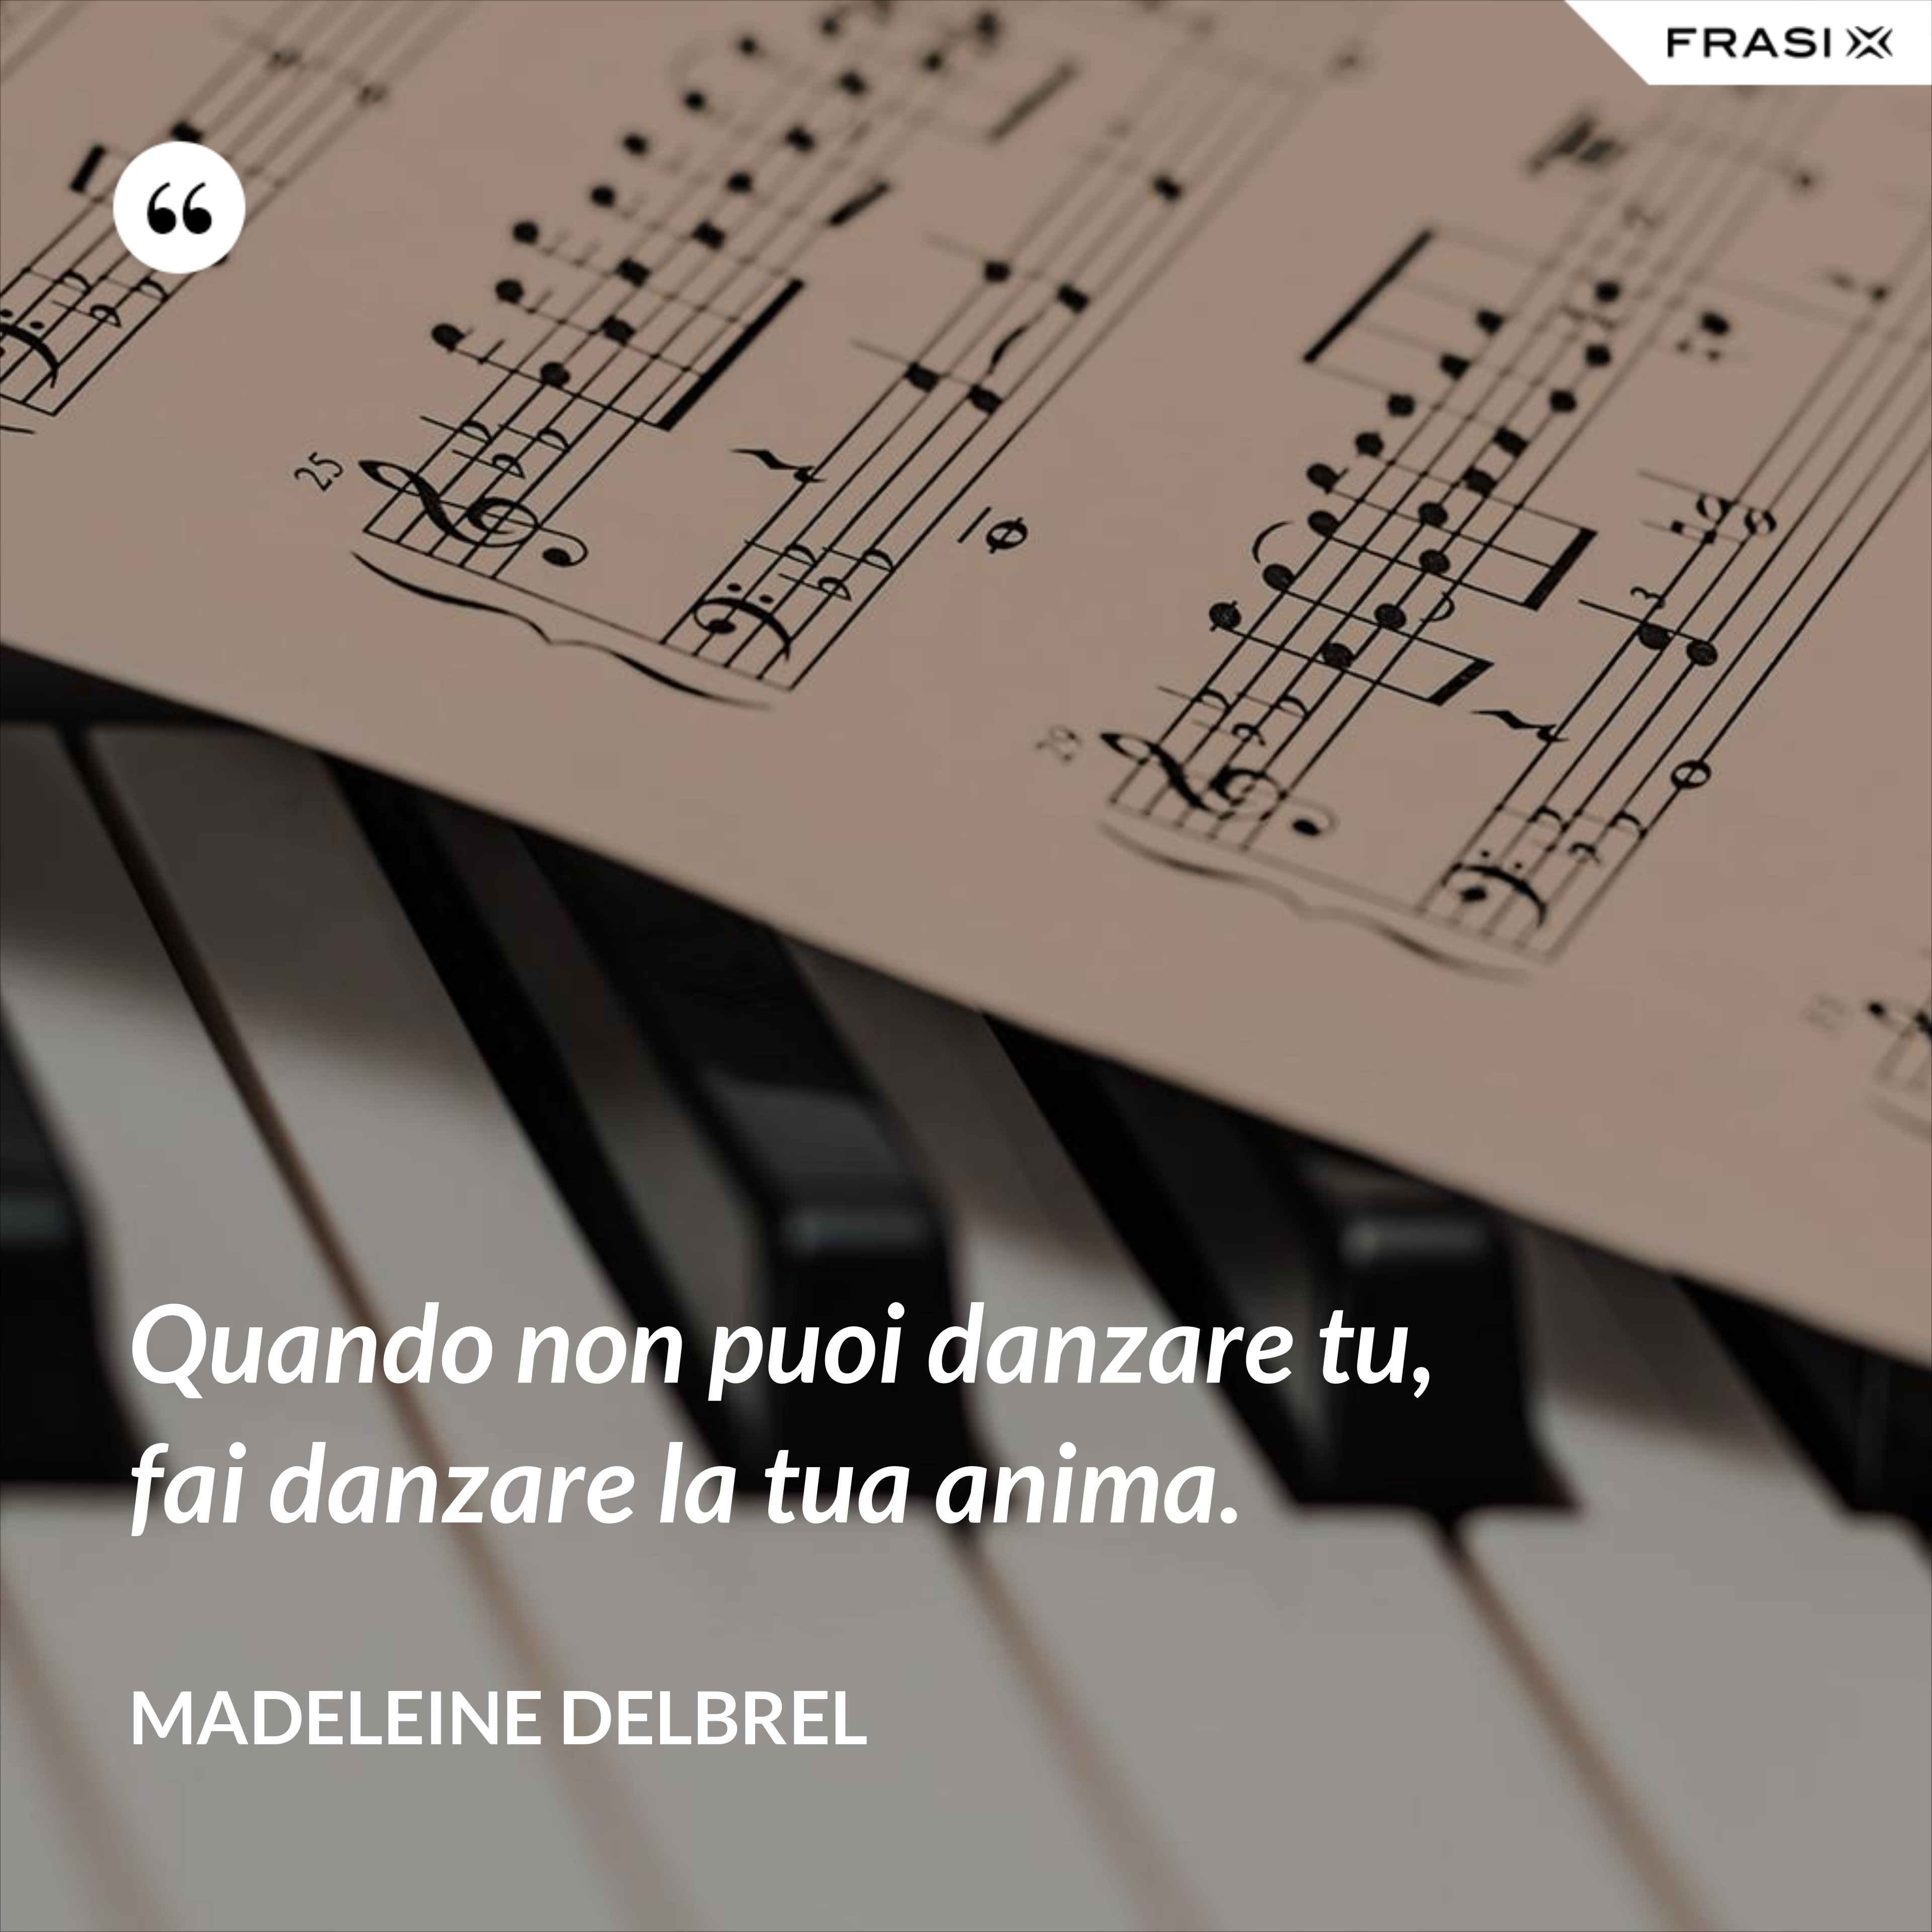 Quando non puoi danzare tu, fai danzare la tua anima. - Madeleine Delbrel